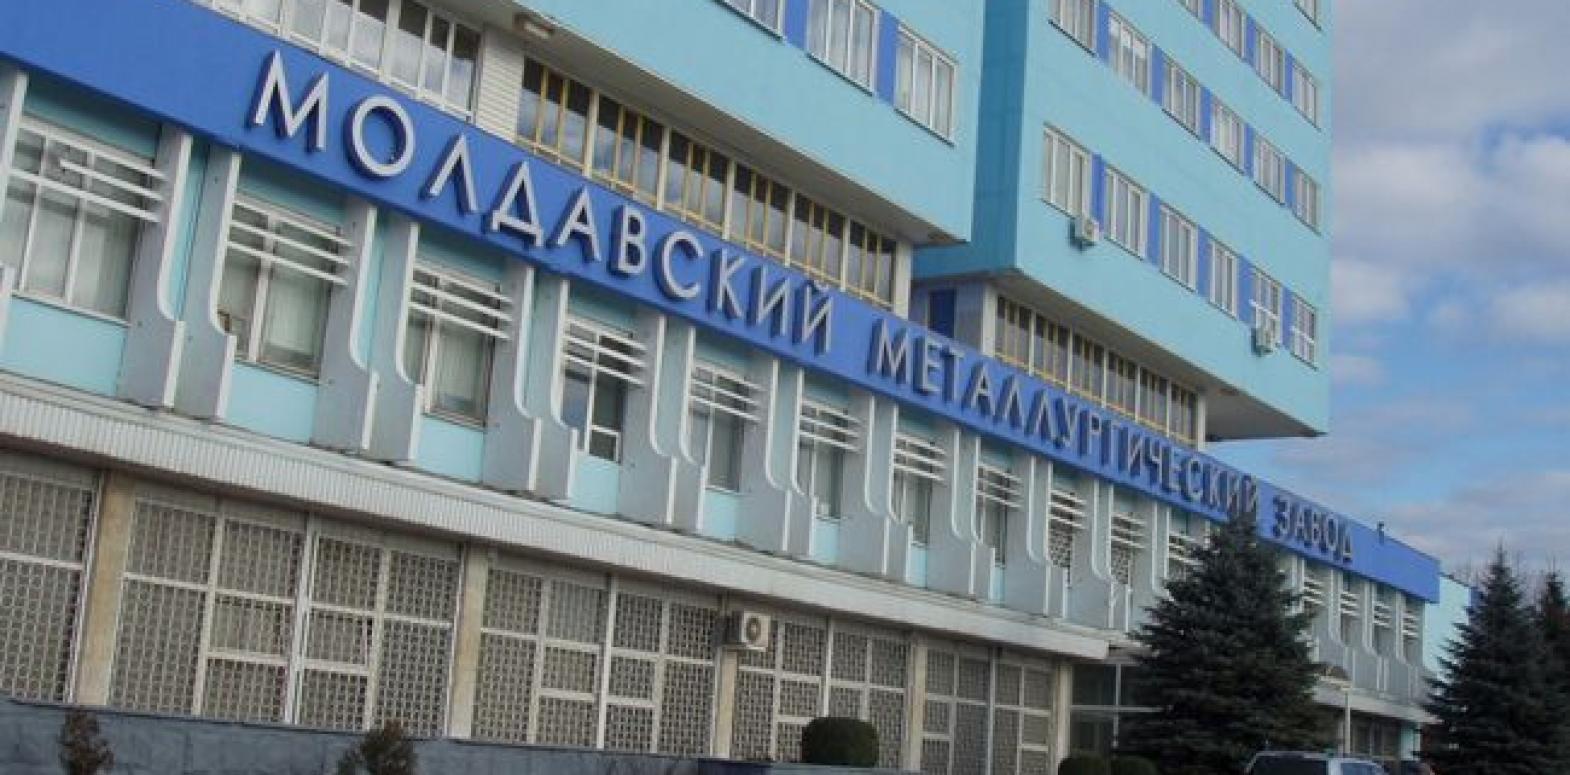 МинВОТ инициирует санкции против Молдавского металлургического завода